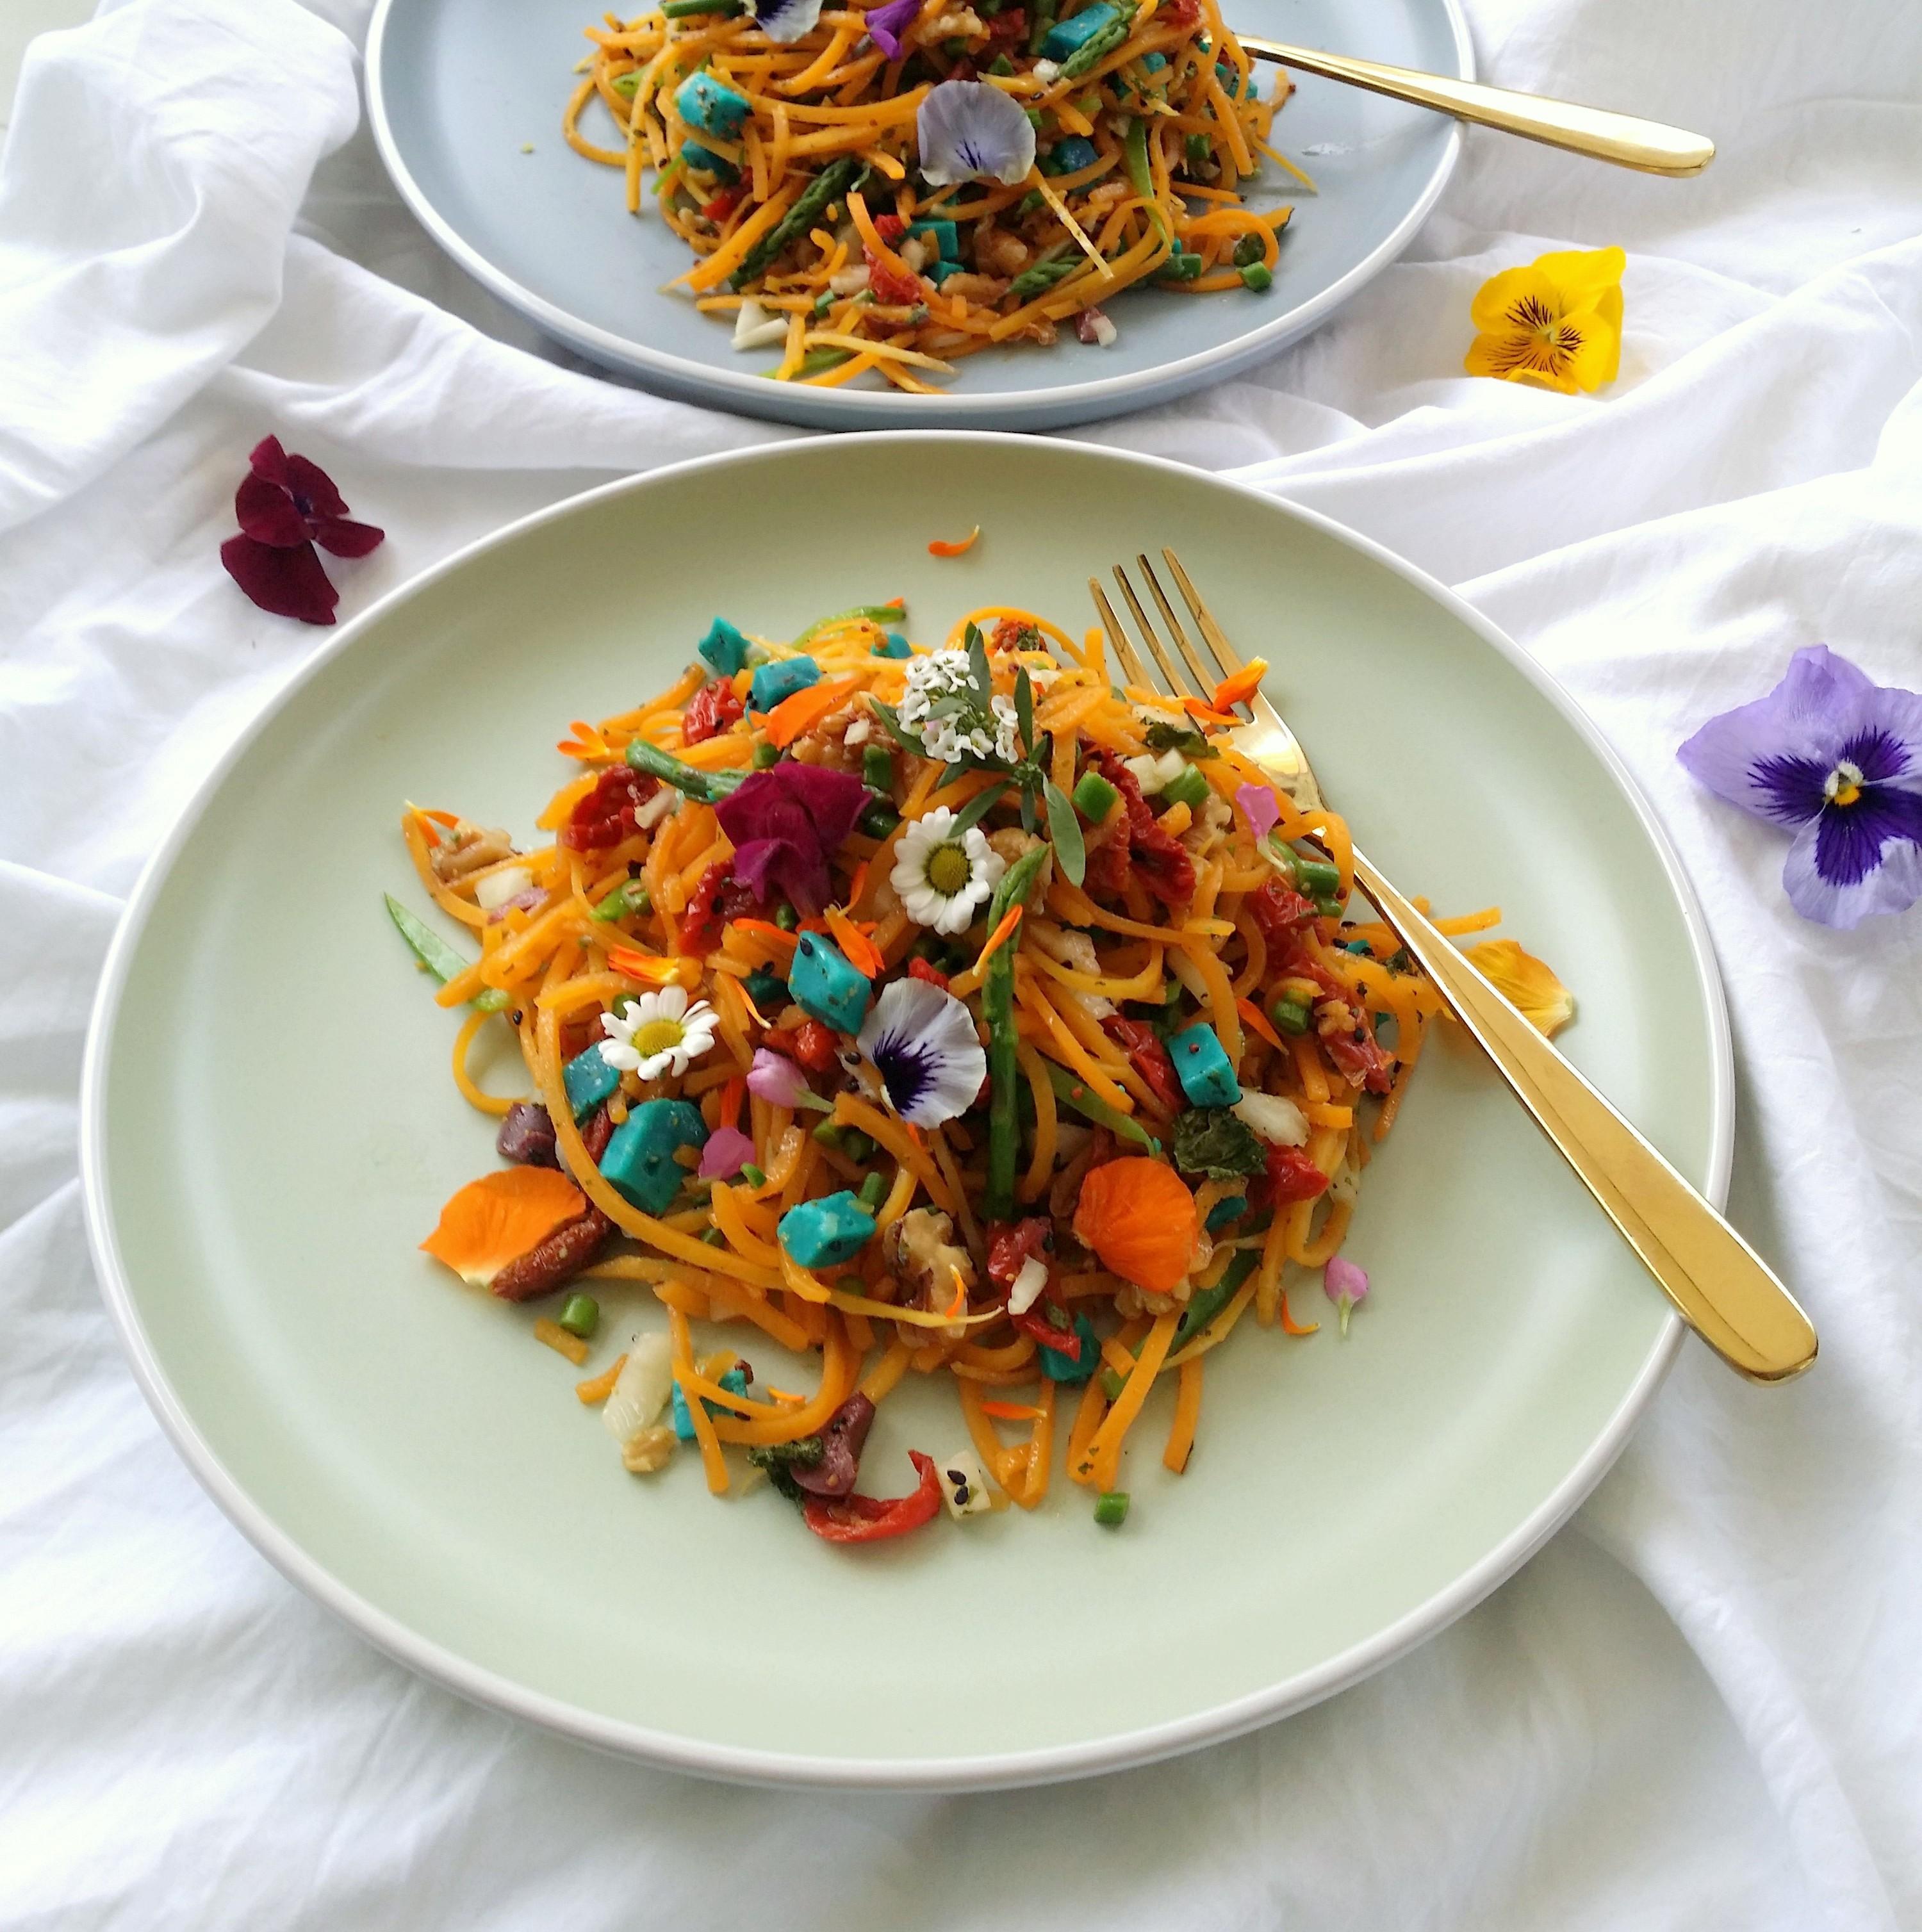 Ensalada de espagueti de calabaza y verduras